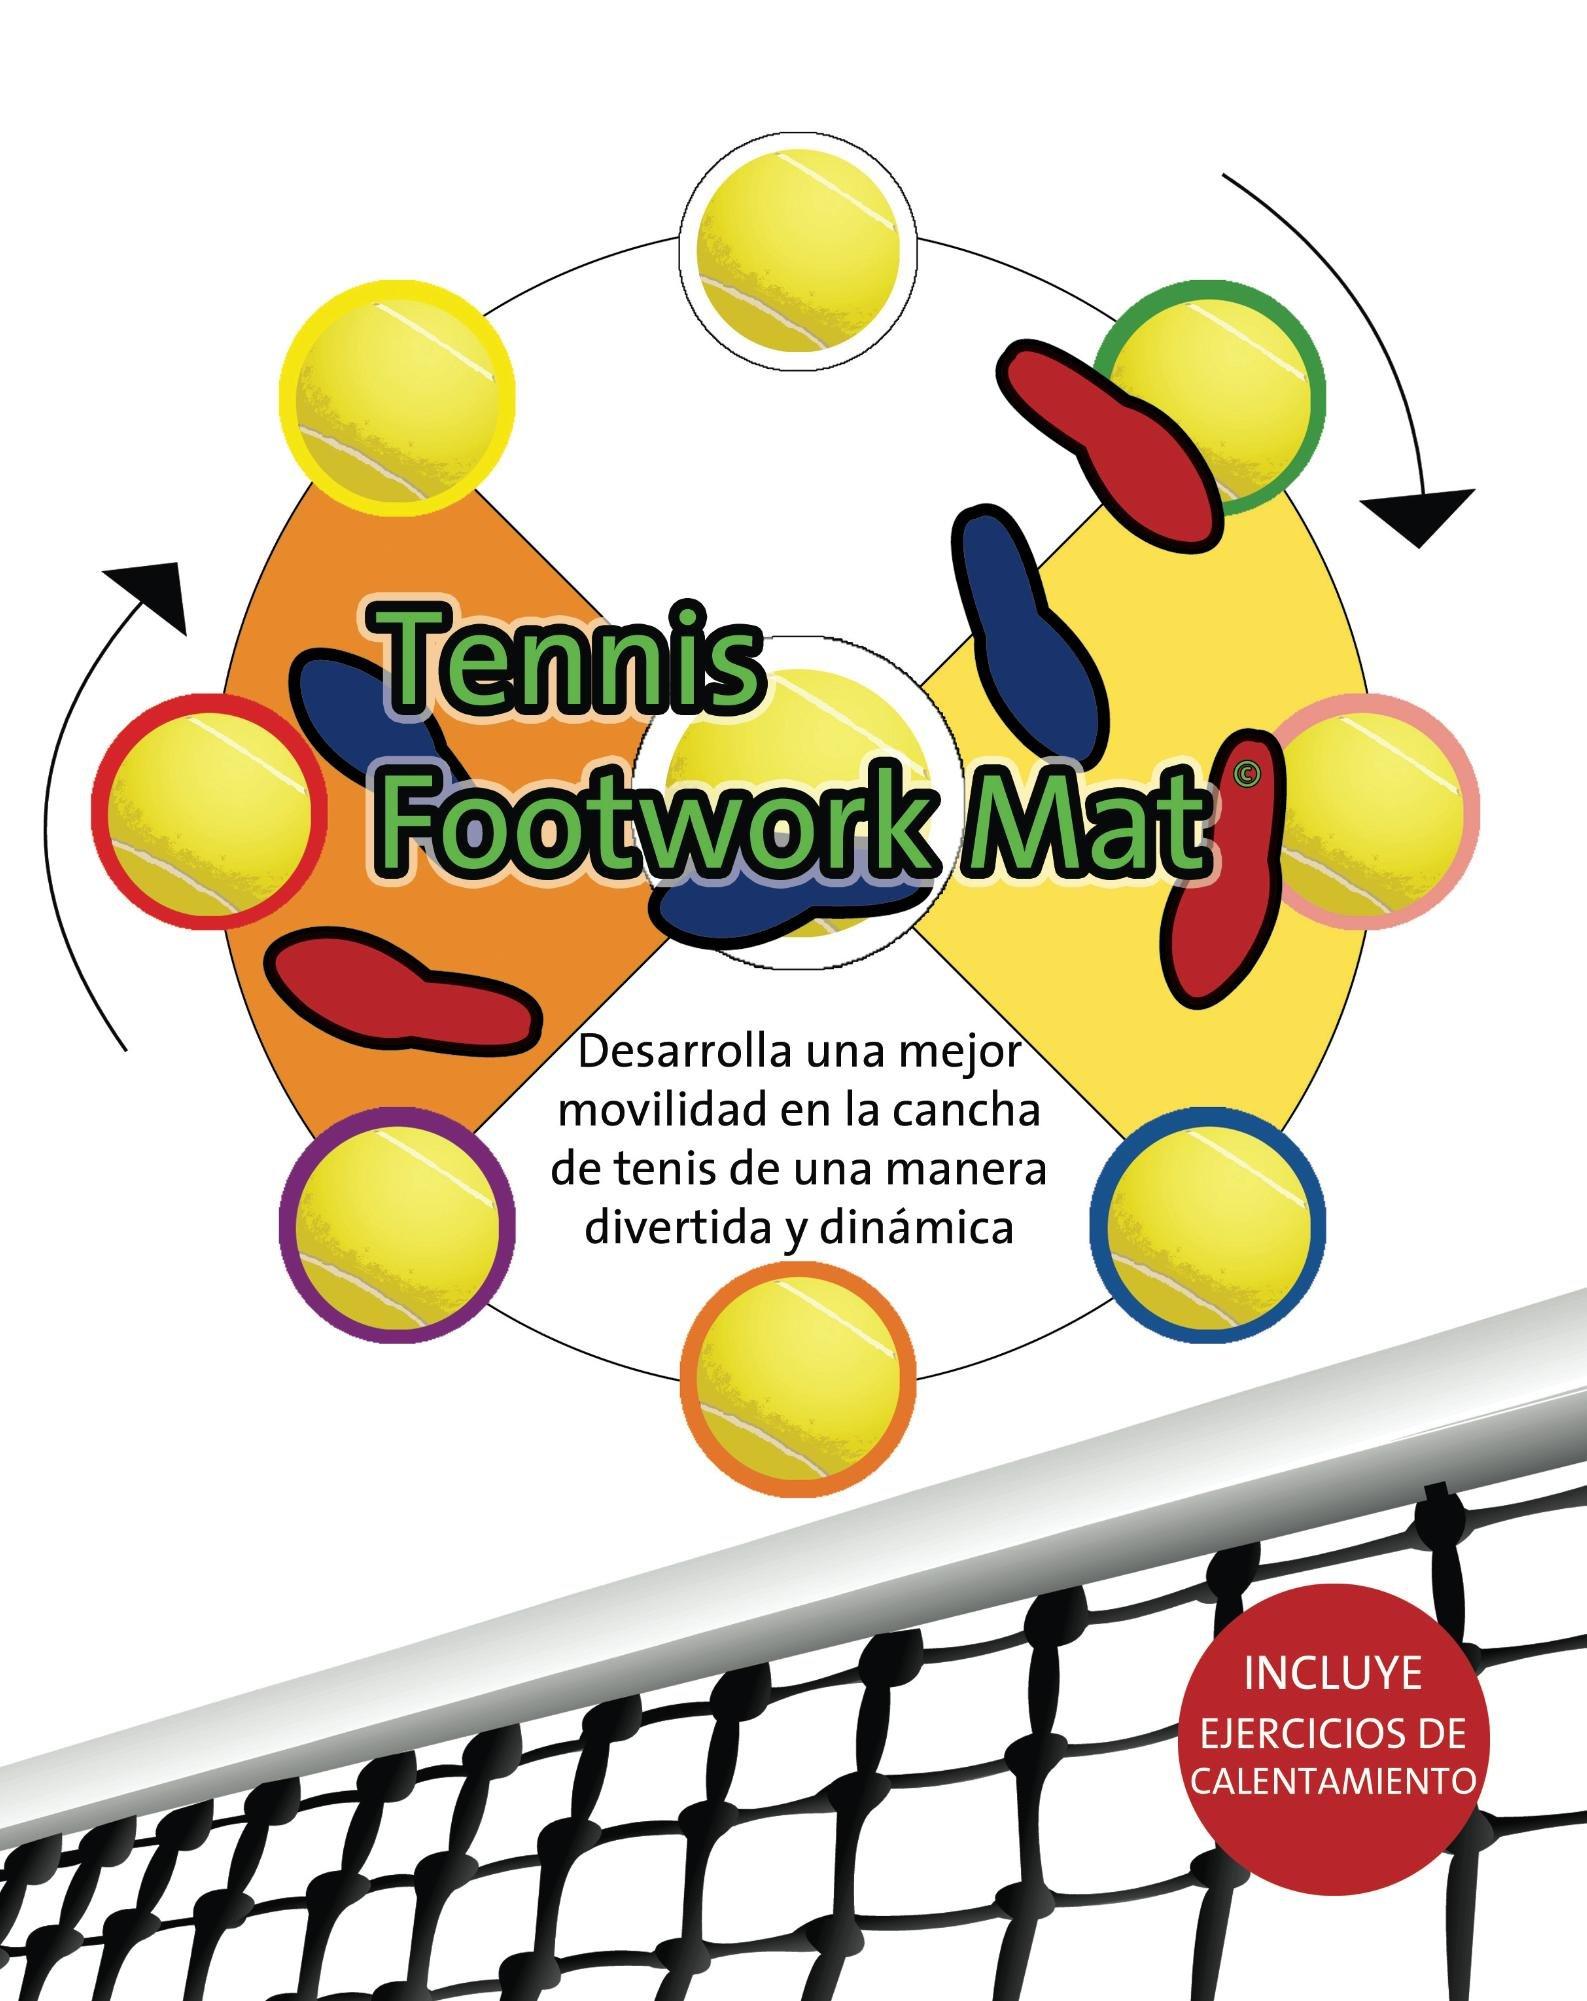 Tennis Footwork Mat en Español: Desarrolla movilidad en la cancha con una pelota de soccer